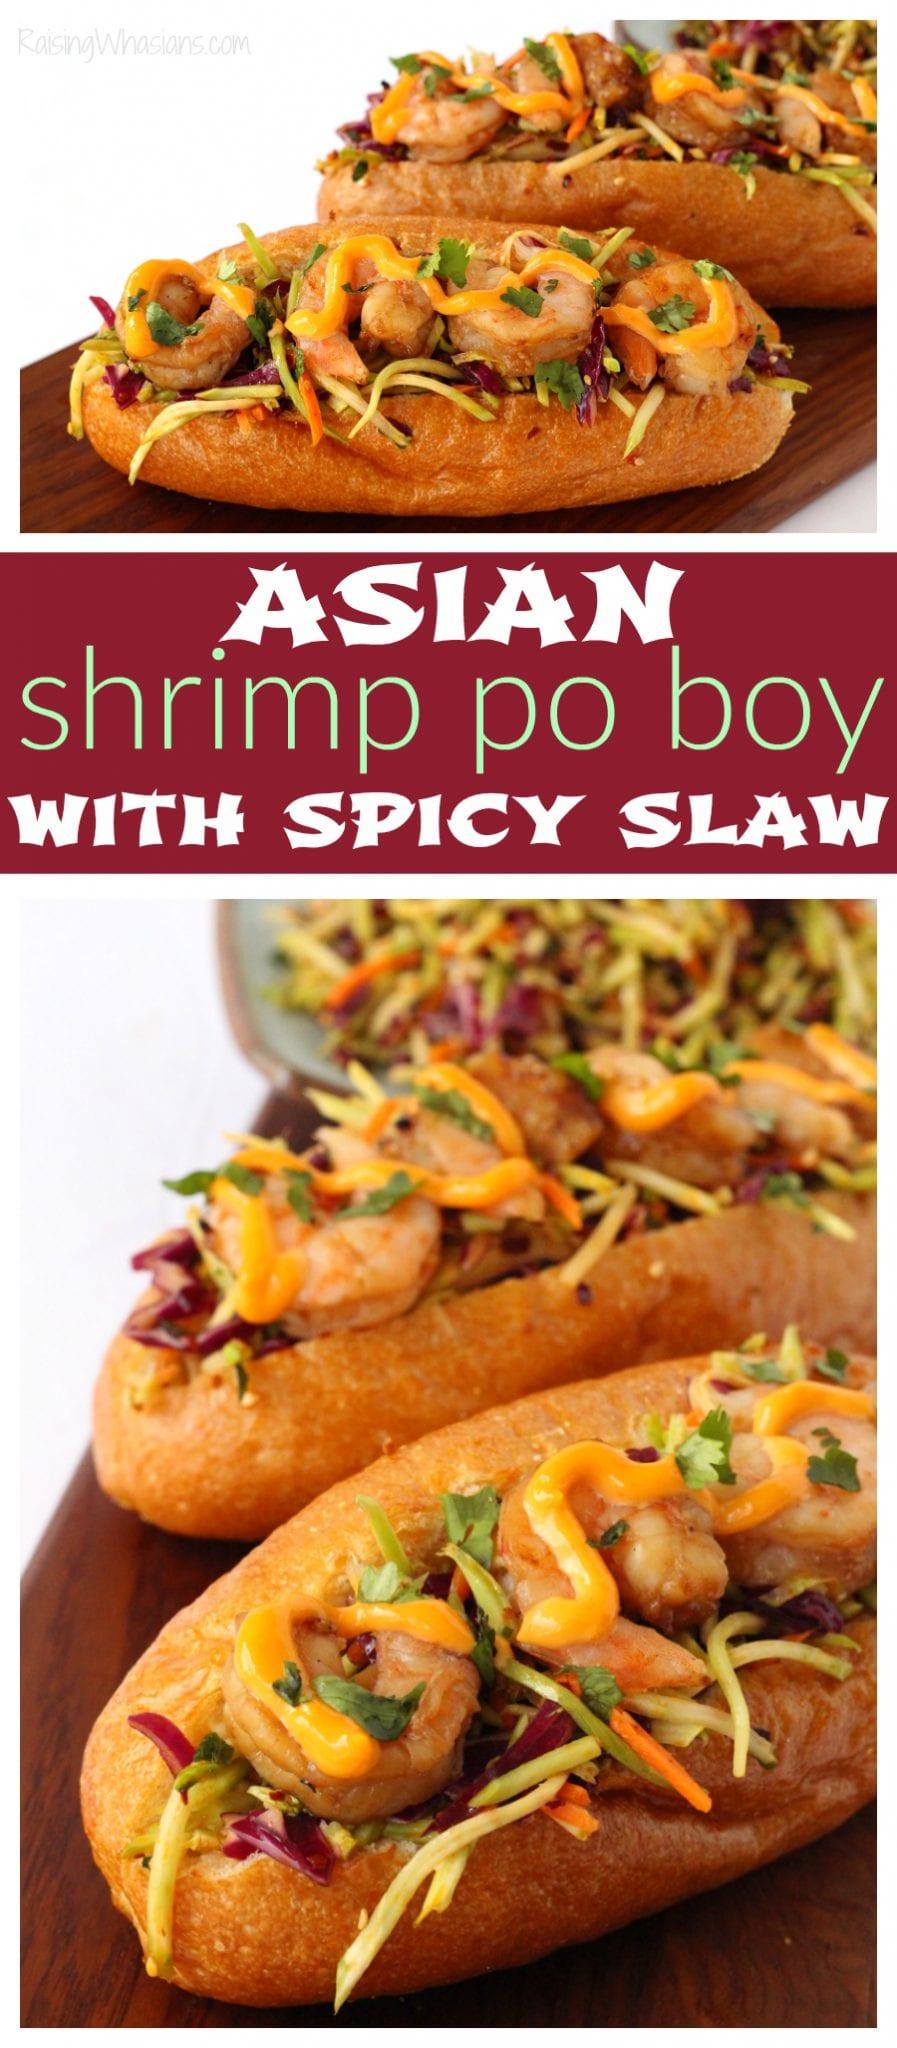 Spicy shrimp po boy